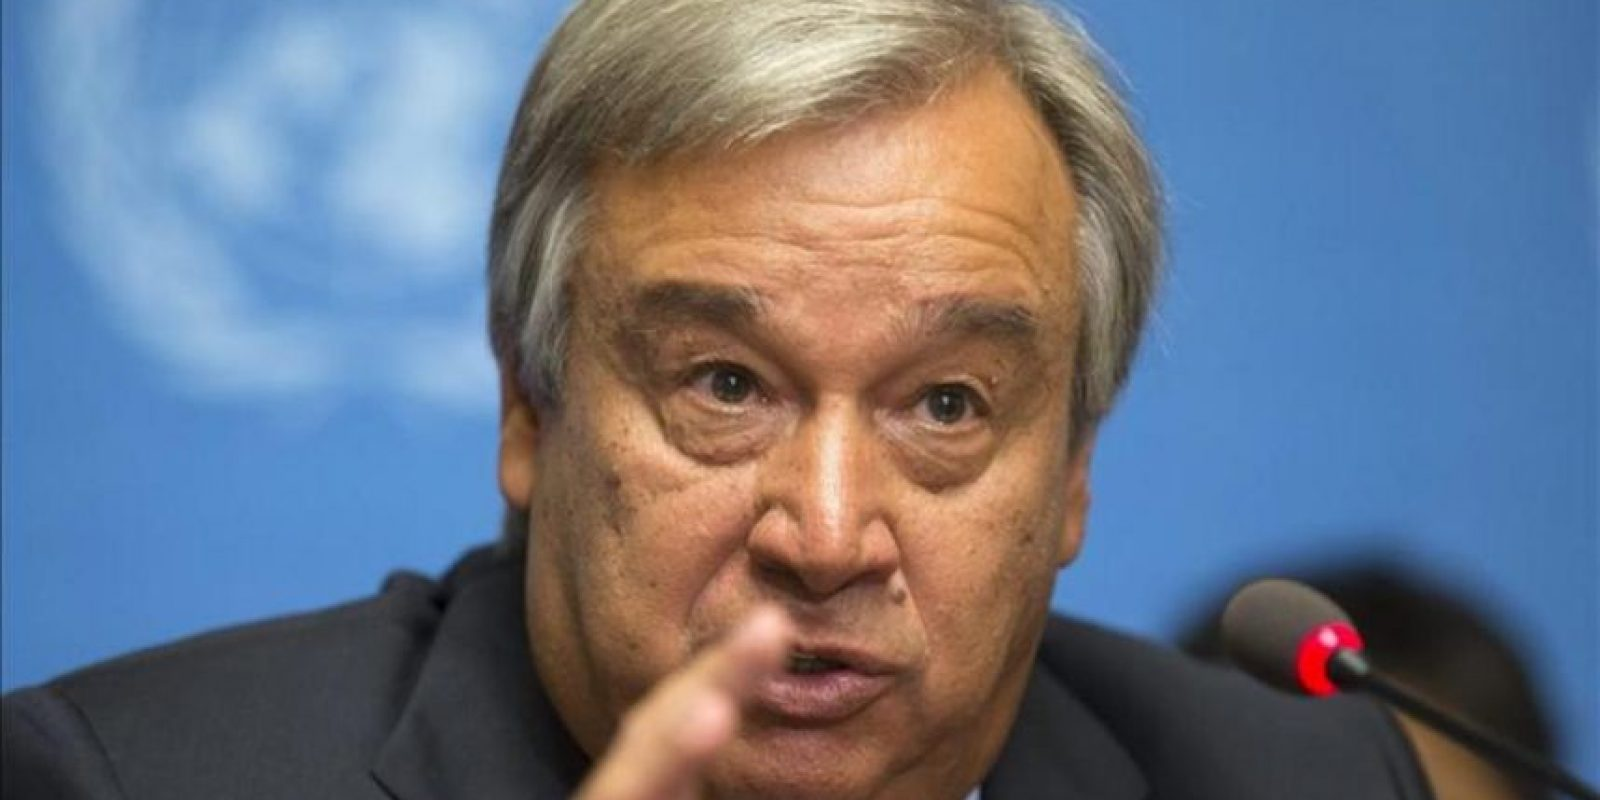 El alto comisionado de la ONU para los Refugiados, Antonio Guterres, ofrece una rueda de prensa hoy, sobre la guerra en Siria que ha provocado el desplazamiento de más de un millón de niños. EFE